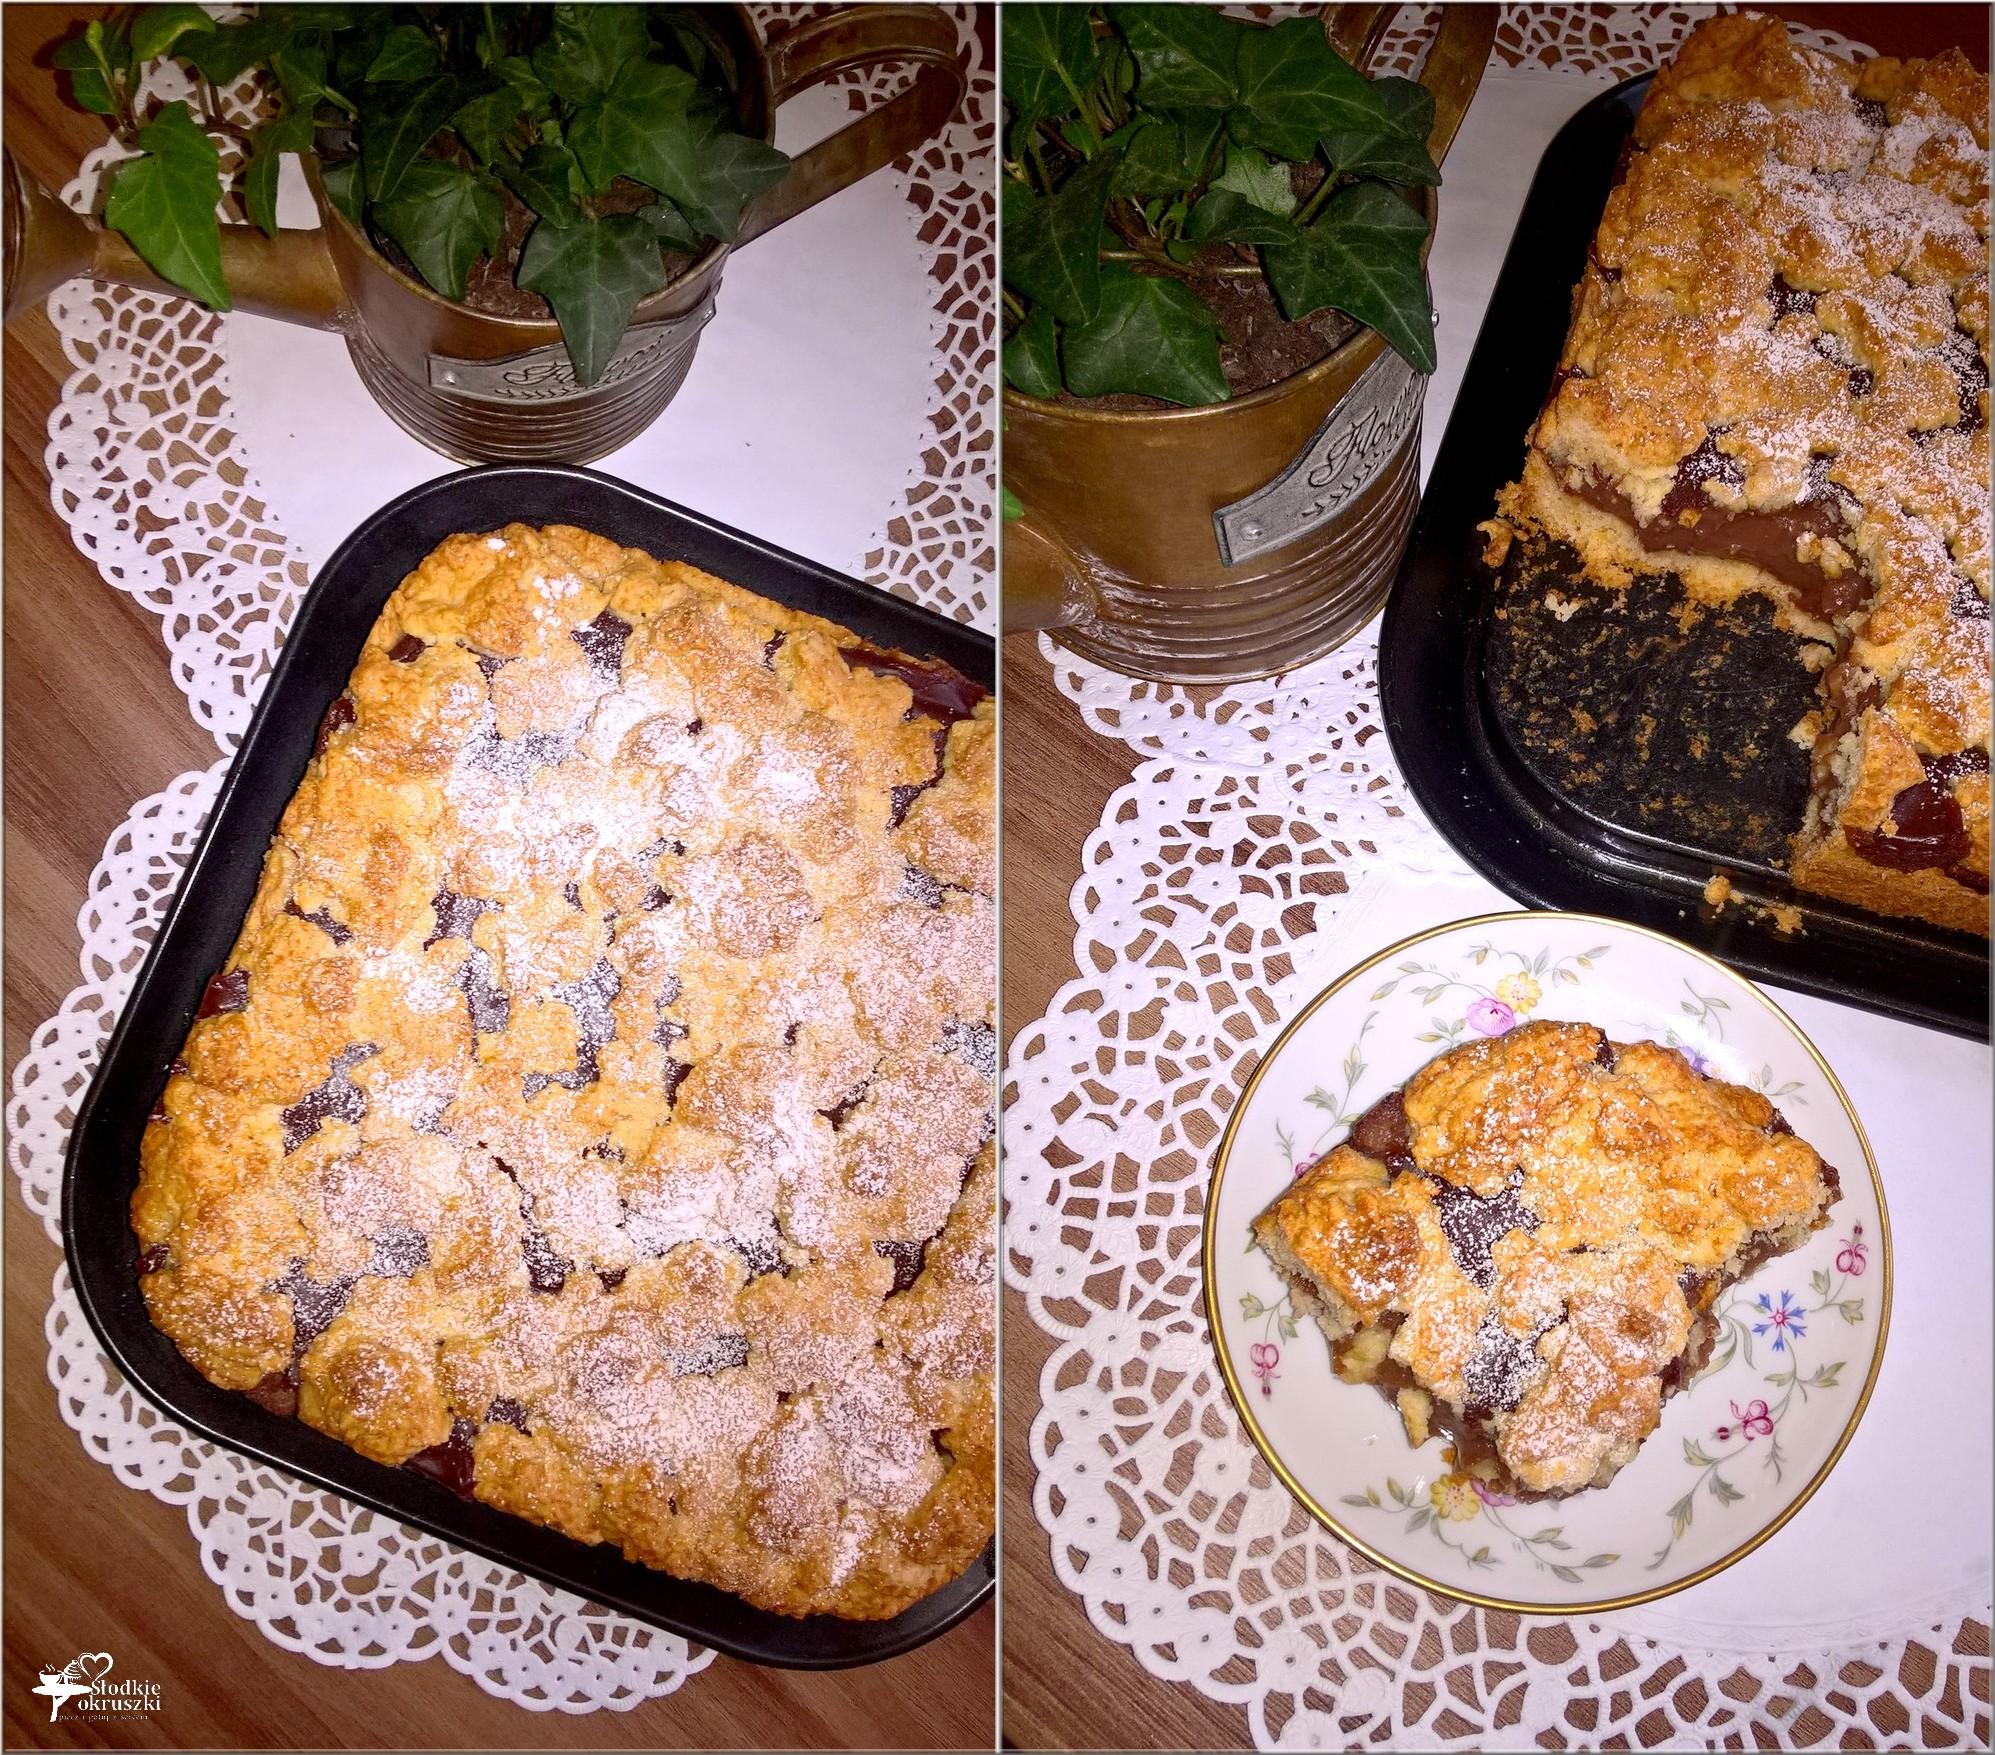 Kruche z czekoladowym wnętrzem (ciasto)